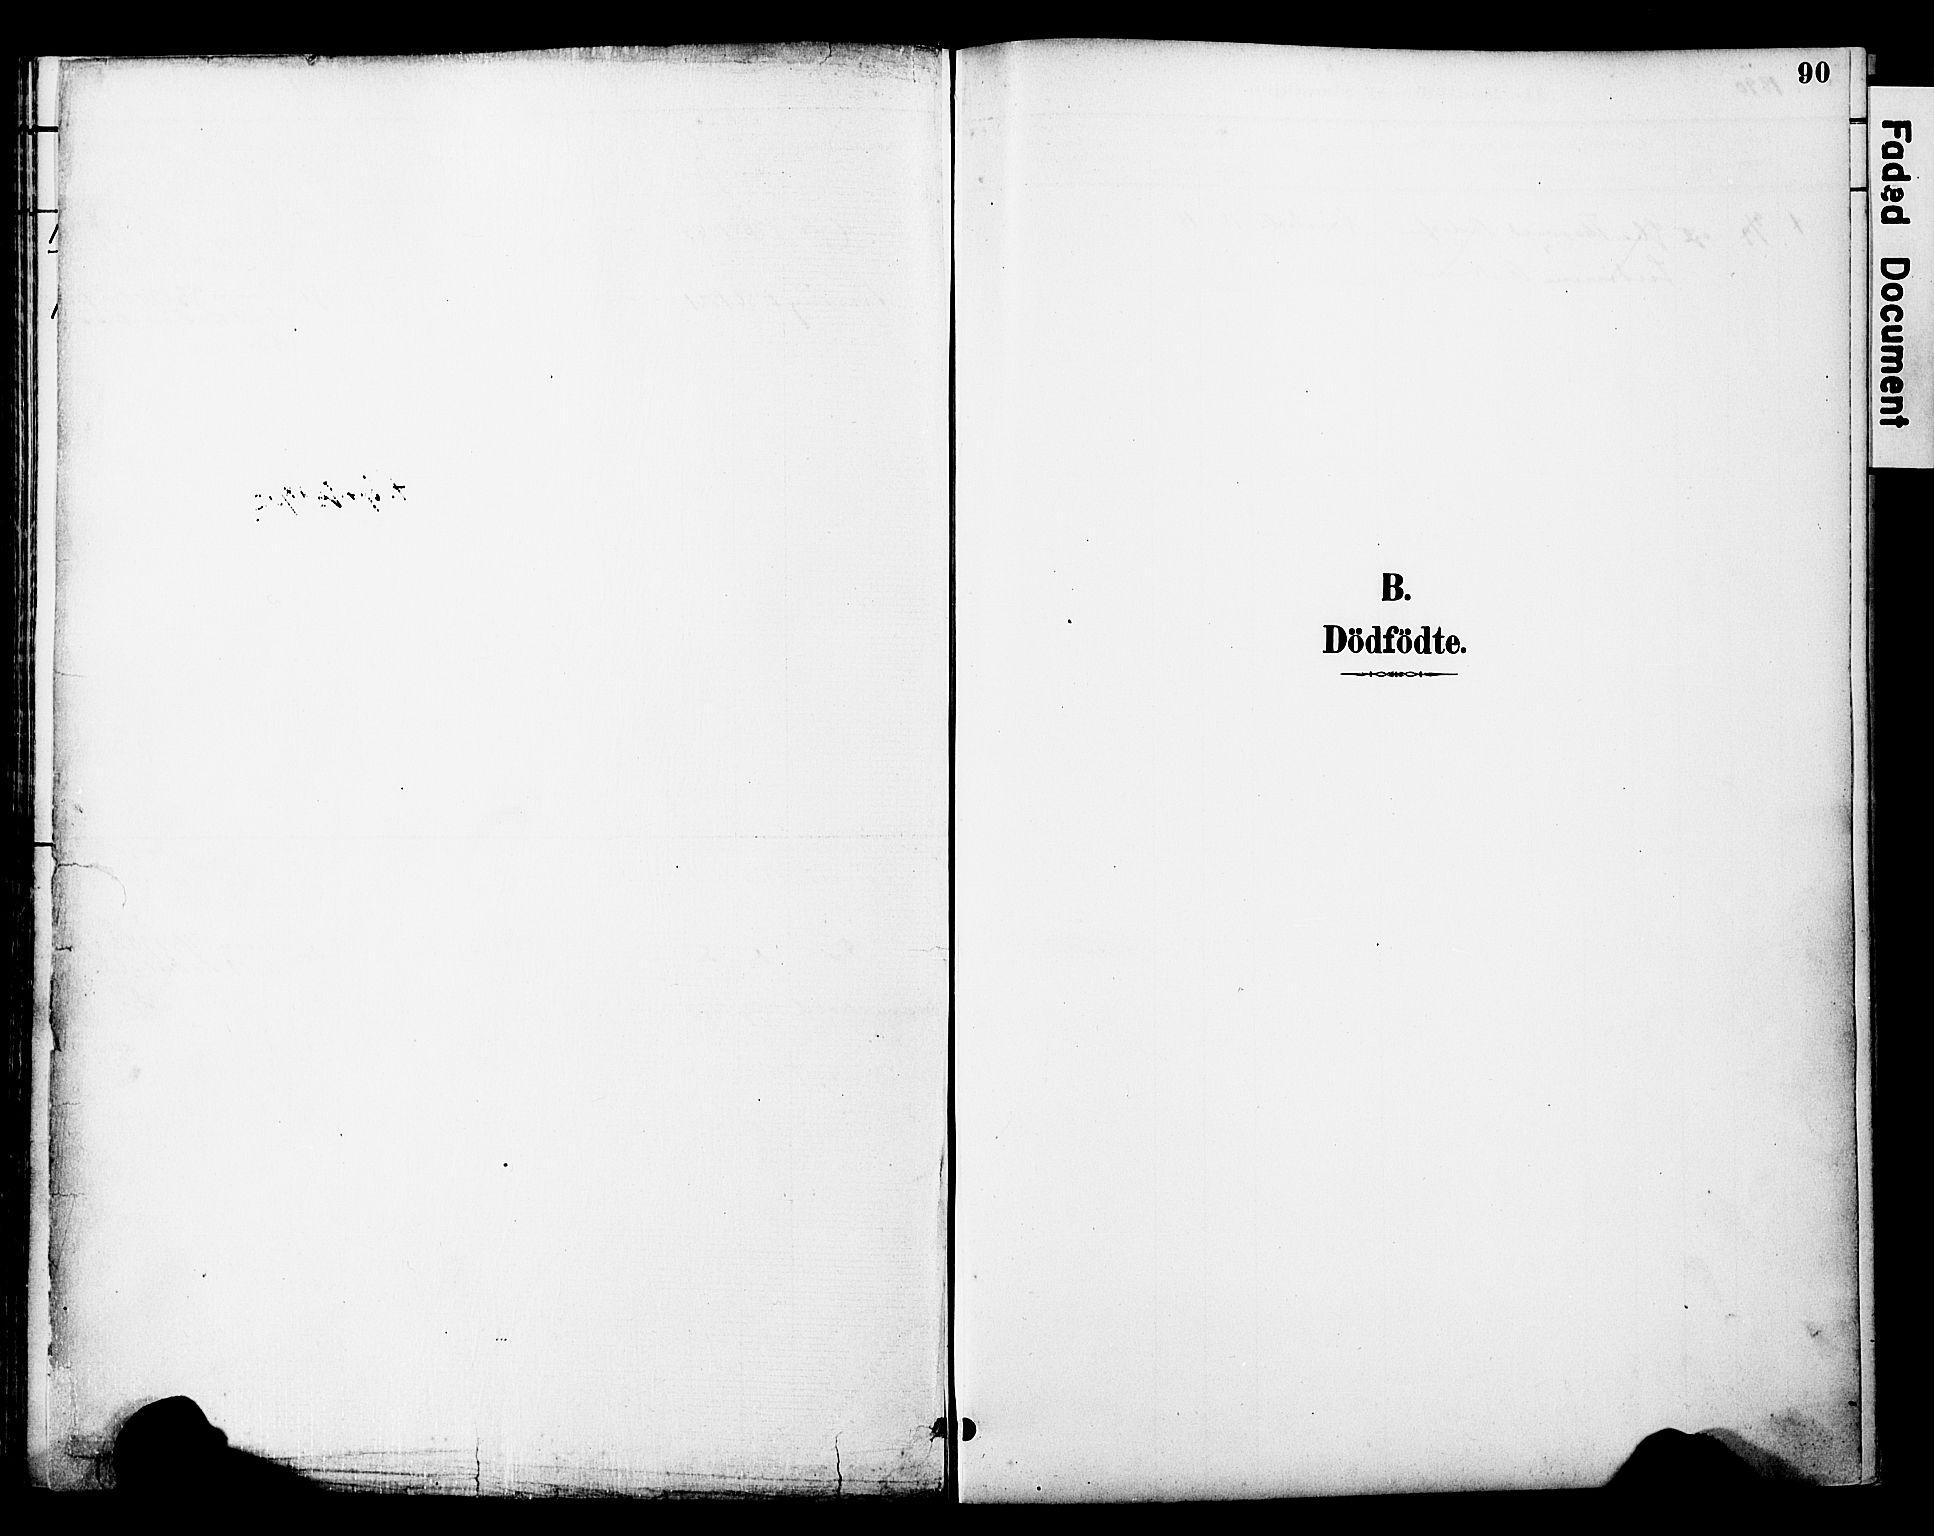 SAT, Ministerialprotokoller, klokkerbøker og fødselsregistre - Nord-Trøndelag, 774/L0628: Ministerialbok nr. 774A02, 1887-1903, s. 90